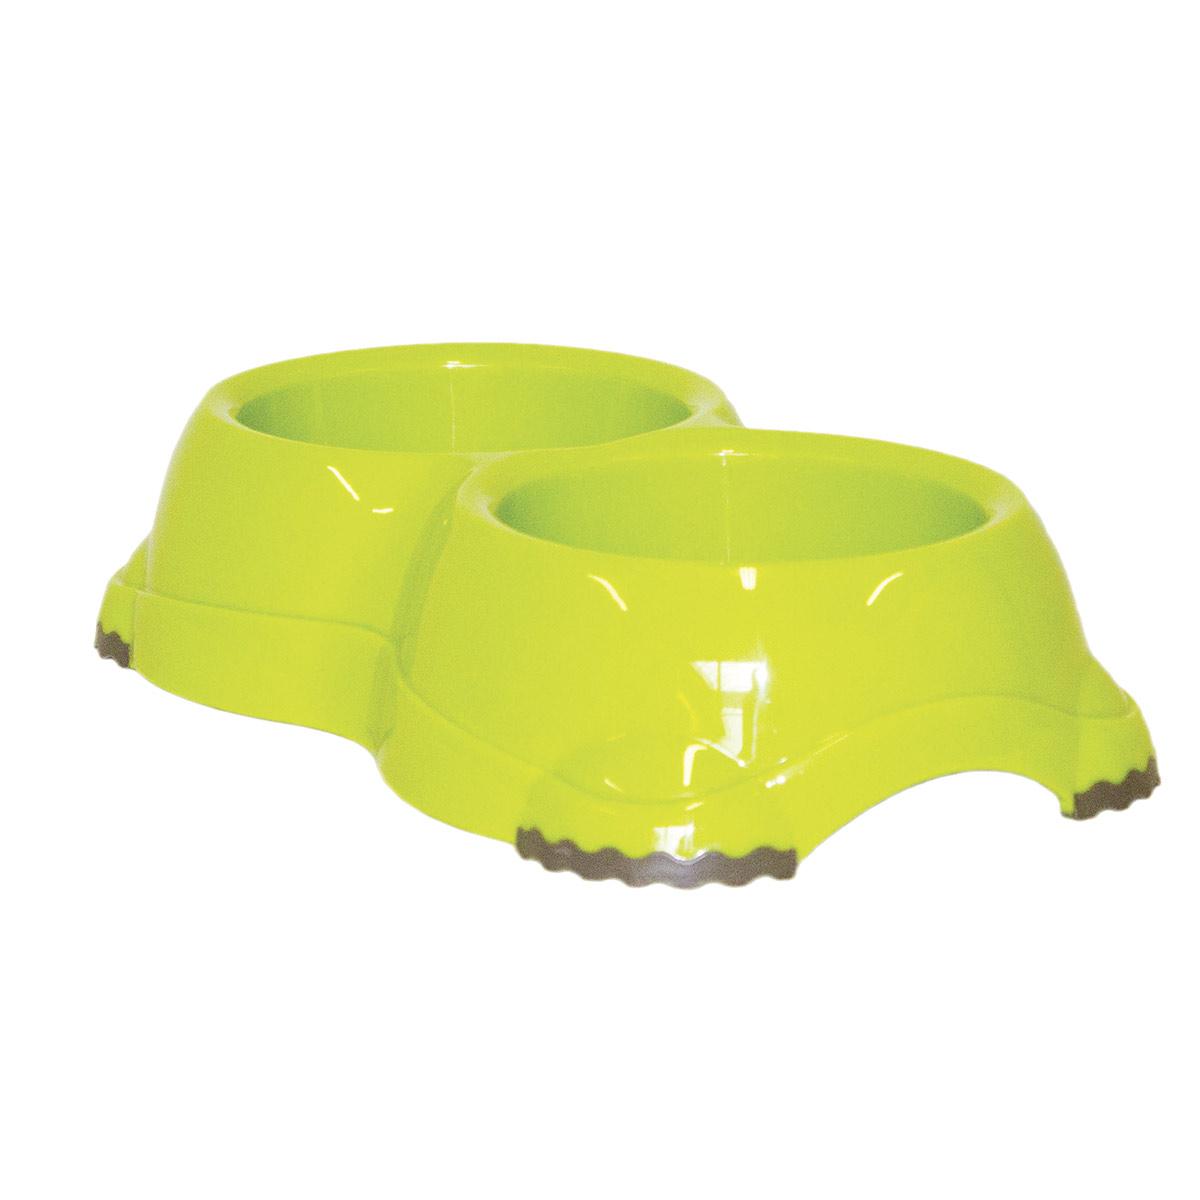 Moderna Double Smarty Dog Duo Bowl Dog Fun Green - No Skid